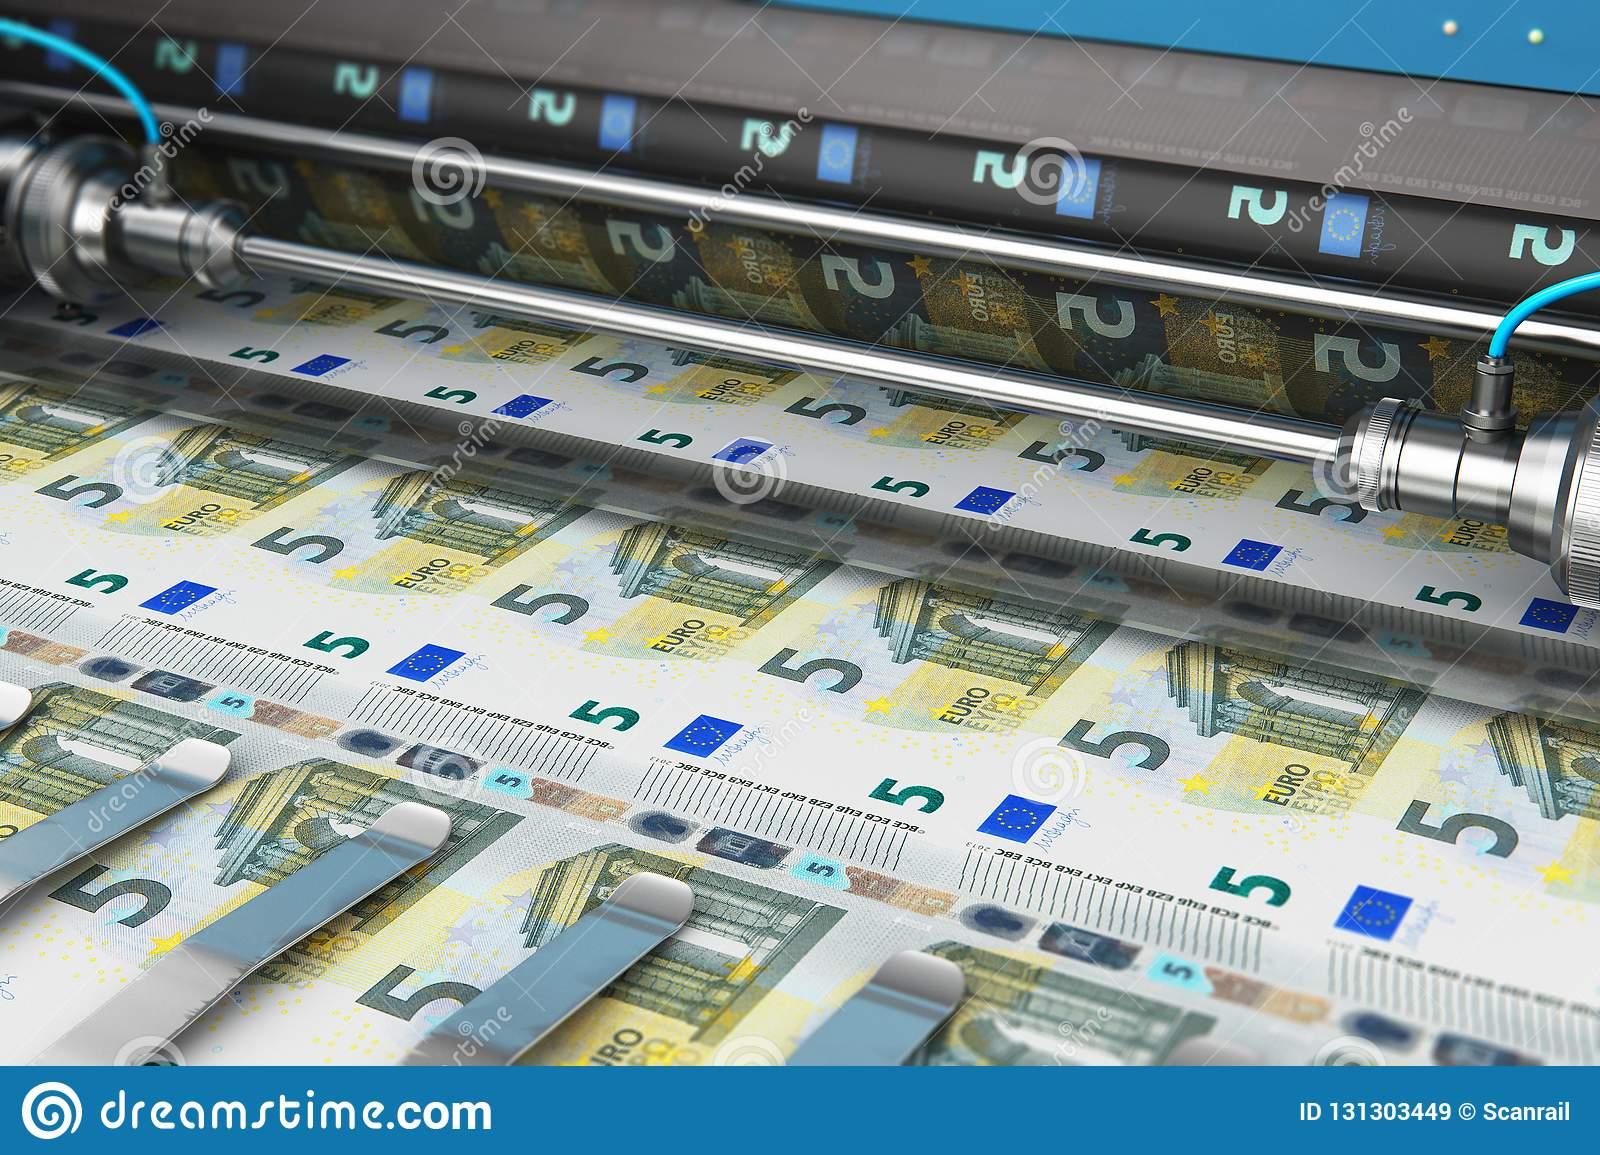 Impression De 5 Euro Billets De Banque D'argent Illustration intérieur Billet De 5 Euros À Imprimer